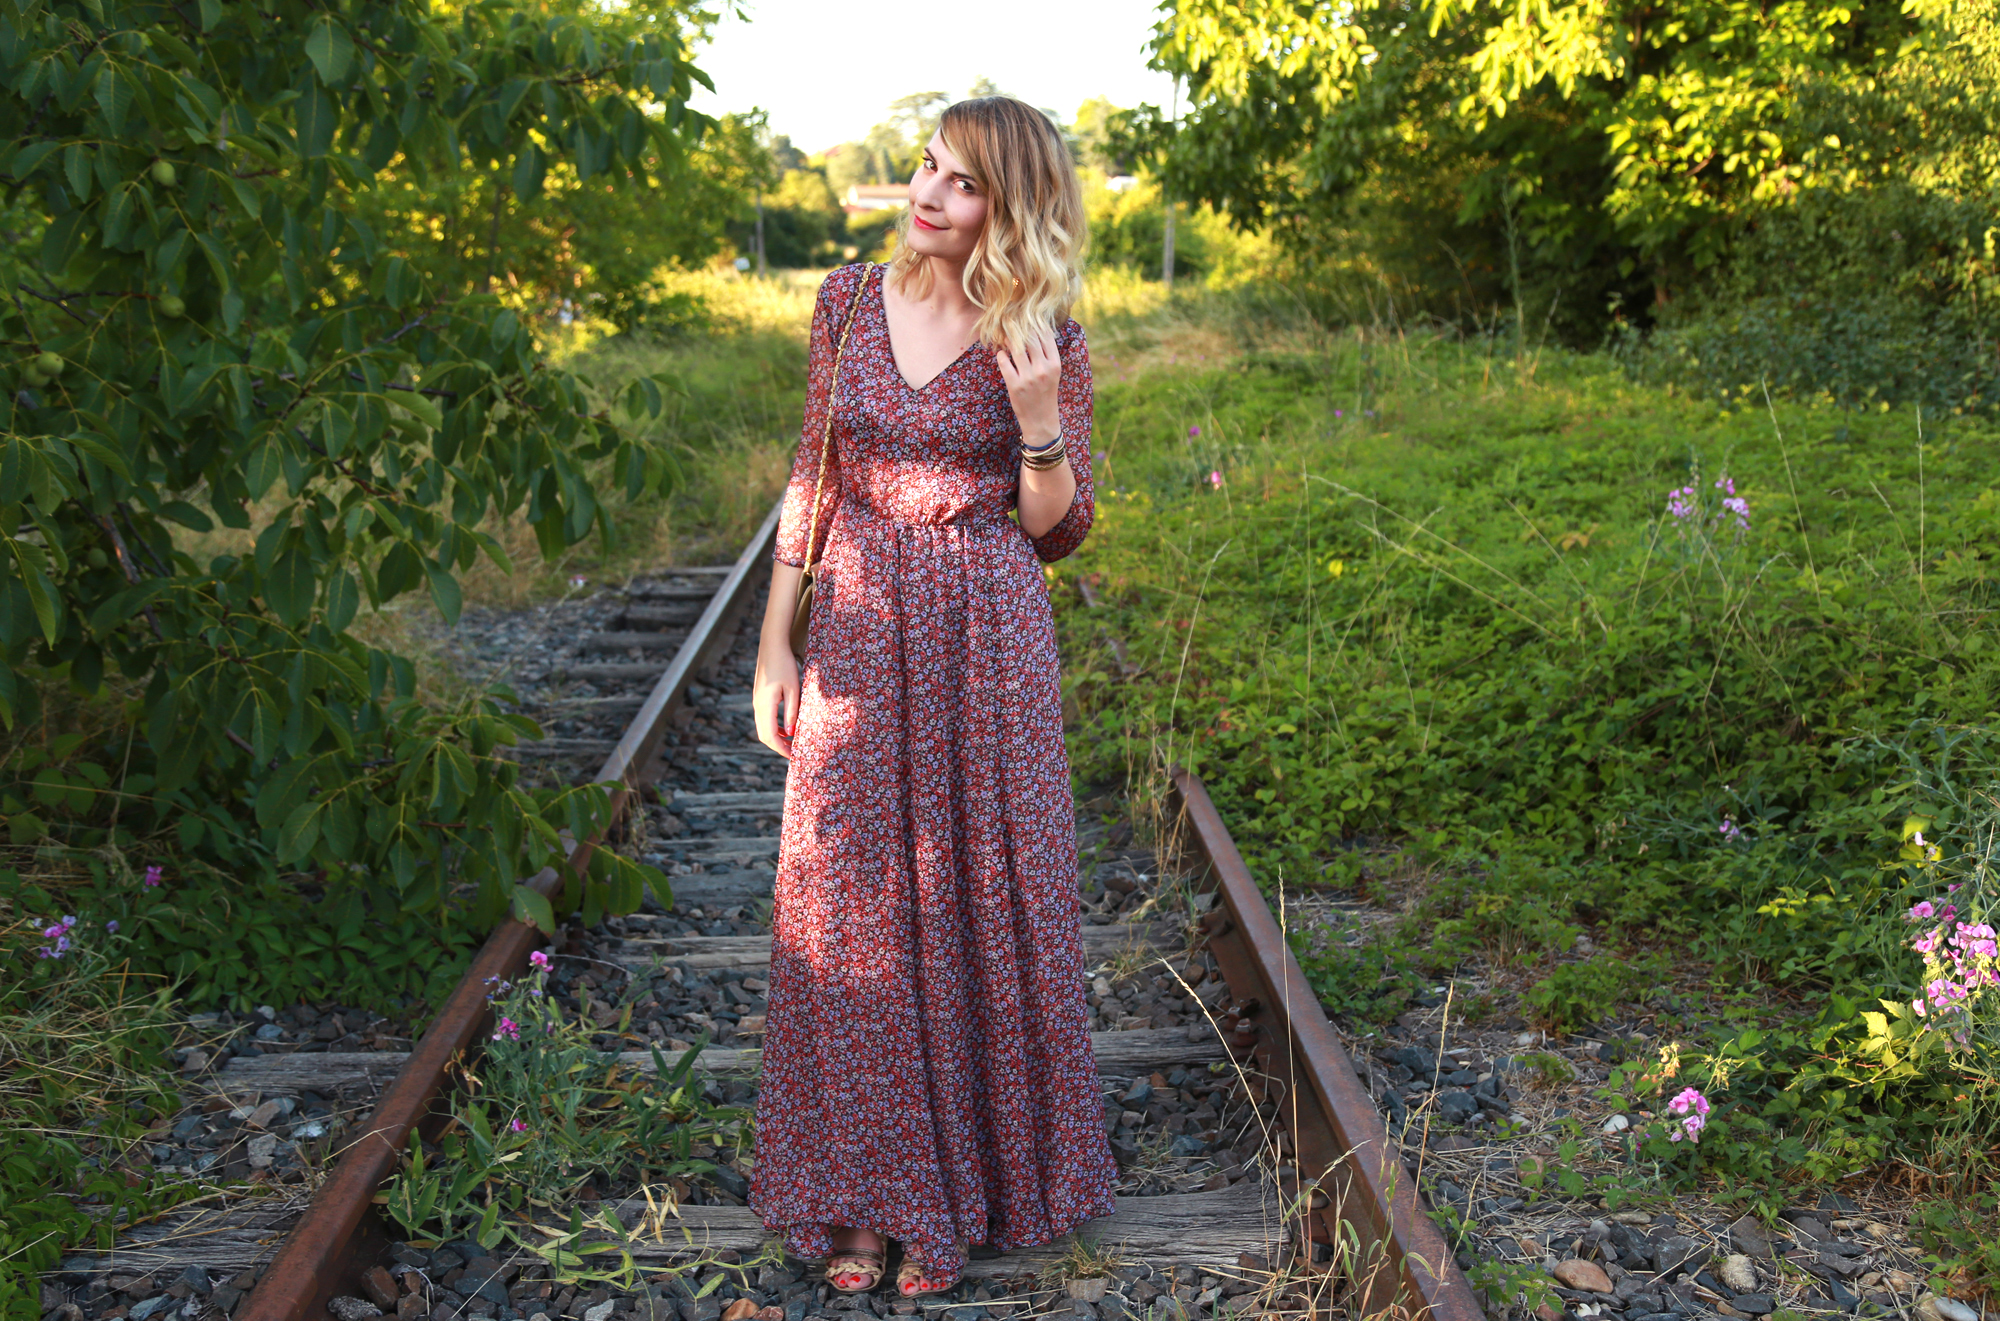 Fabulous Sézane à la campagne - Zoé Macaron - blog mode - beauté NR15